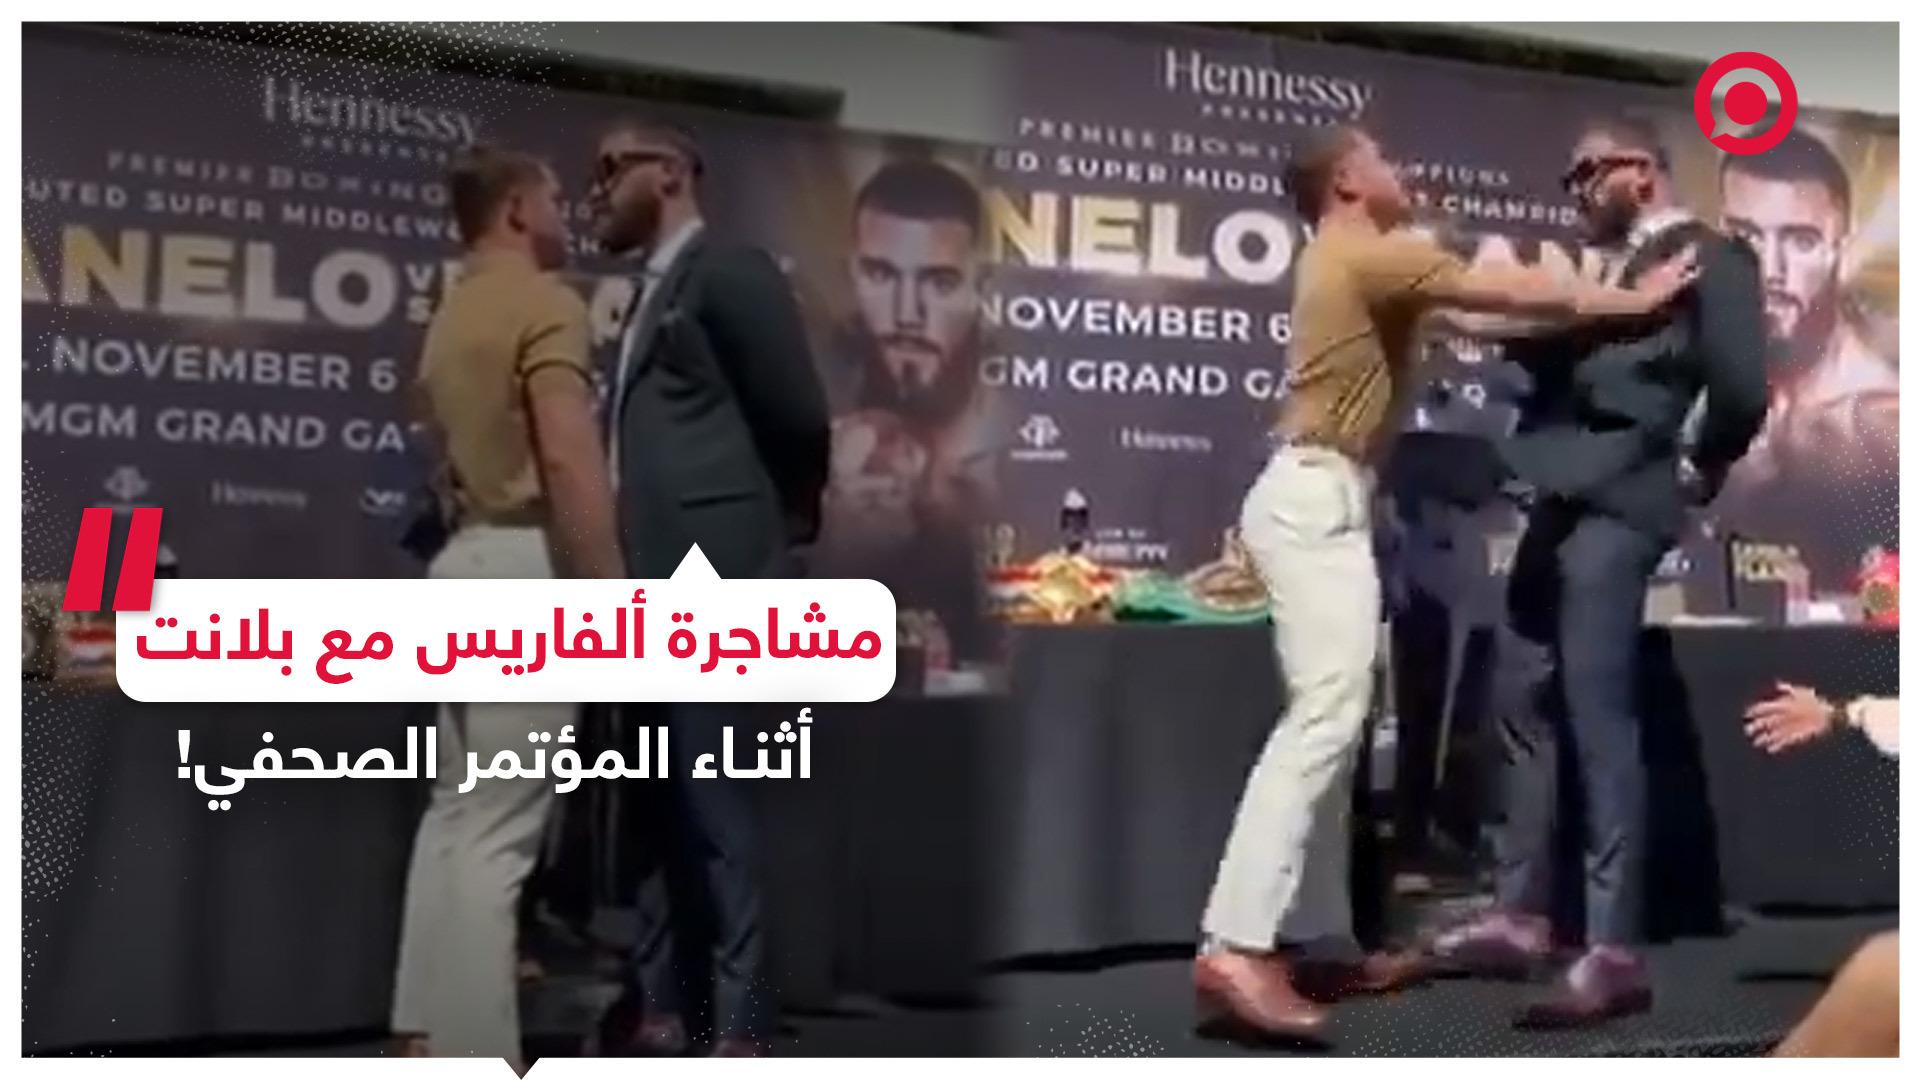 مشاجرة الملاكمين كانيلو ألفاريس وبلانت أثناء المؤتمر الصحفي